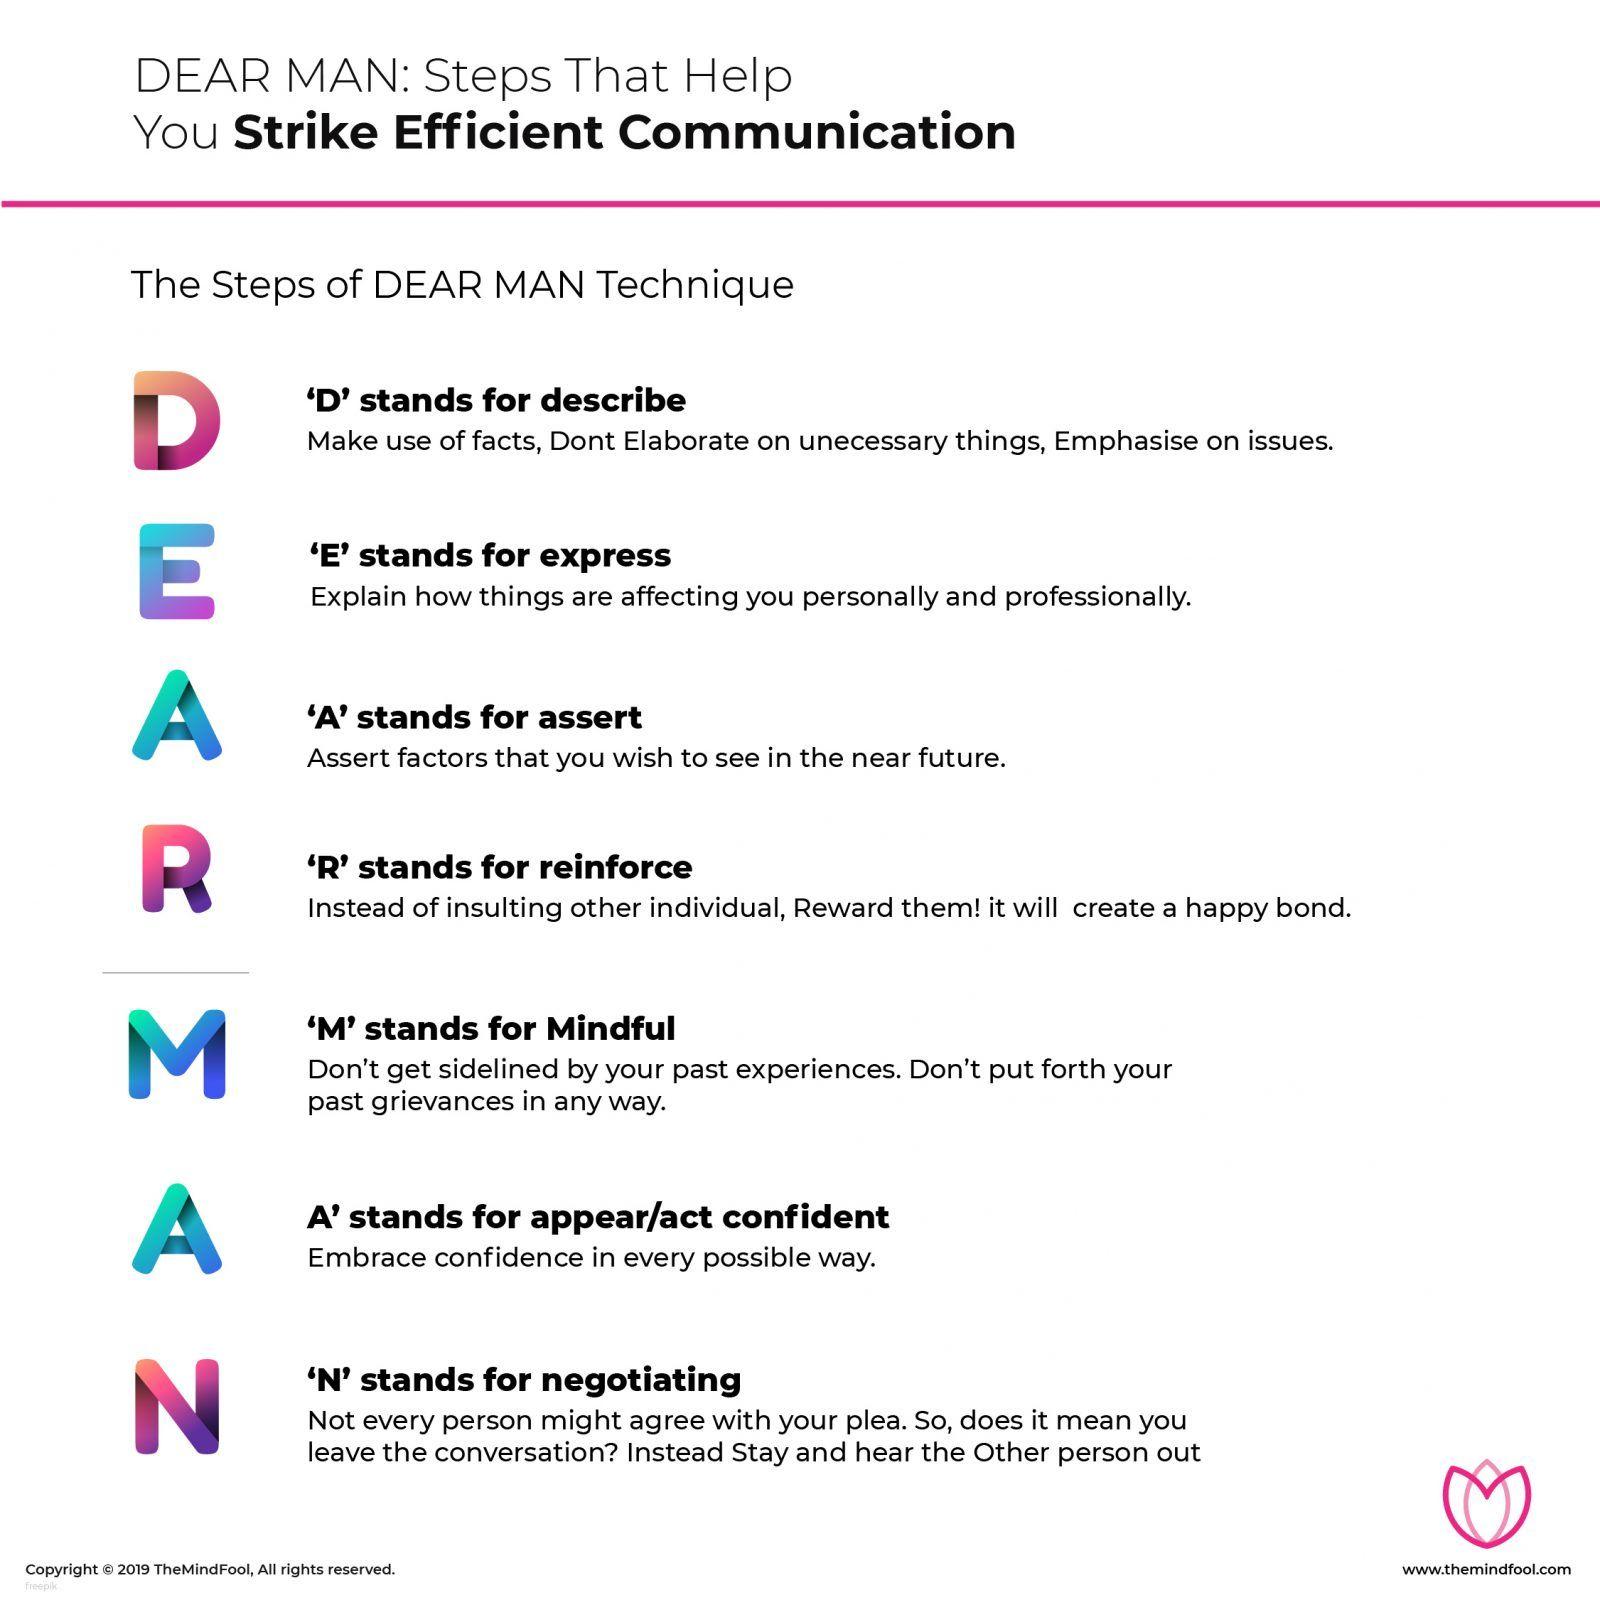 DEAR MAN Learn Efficient Communication in 2020